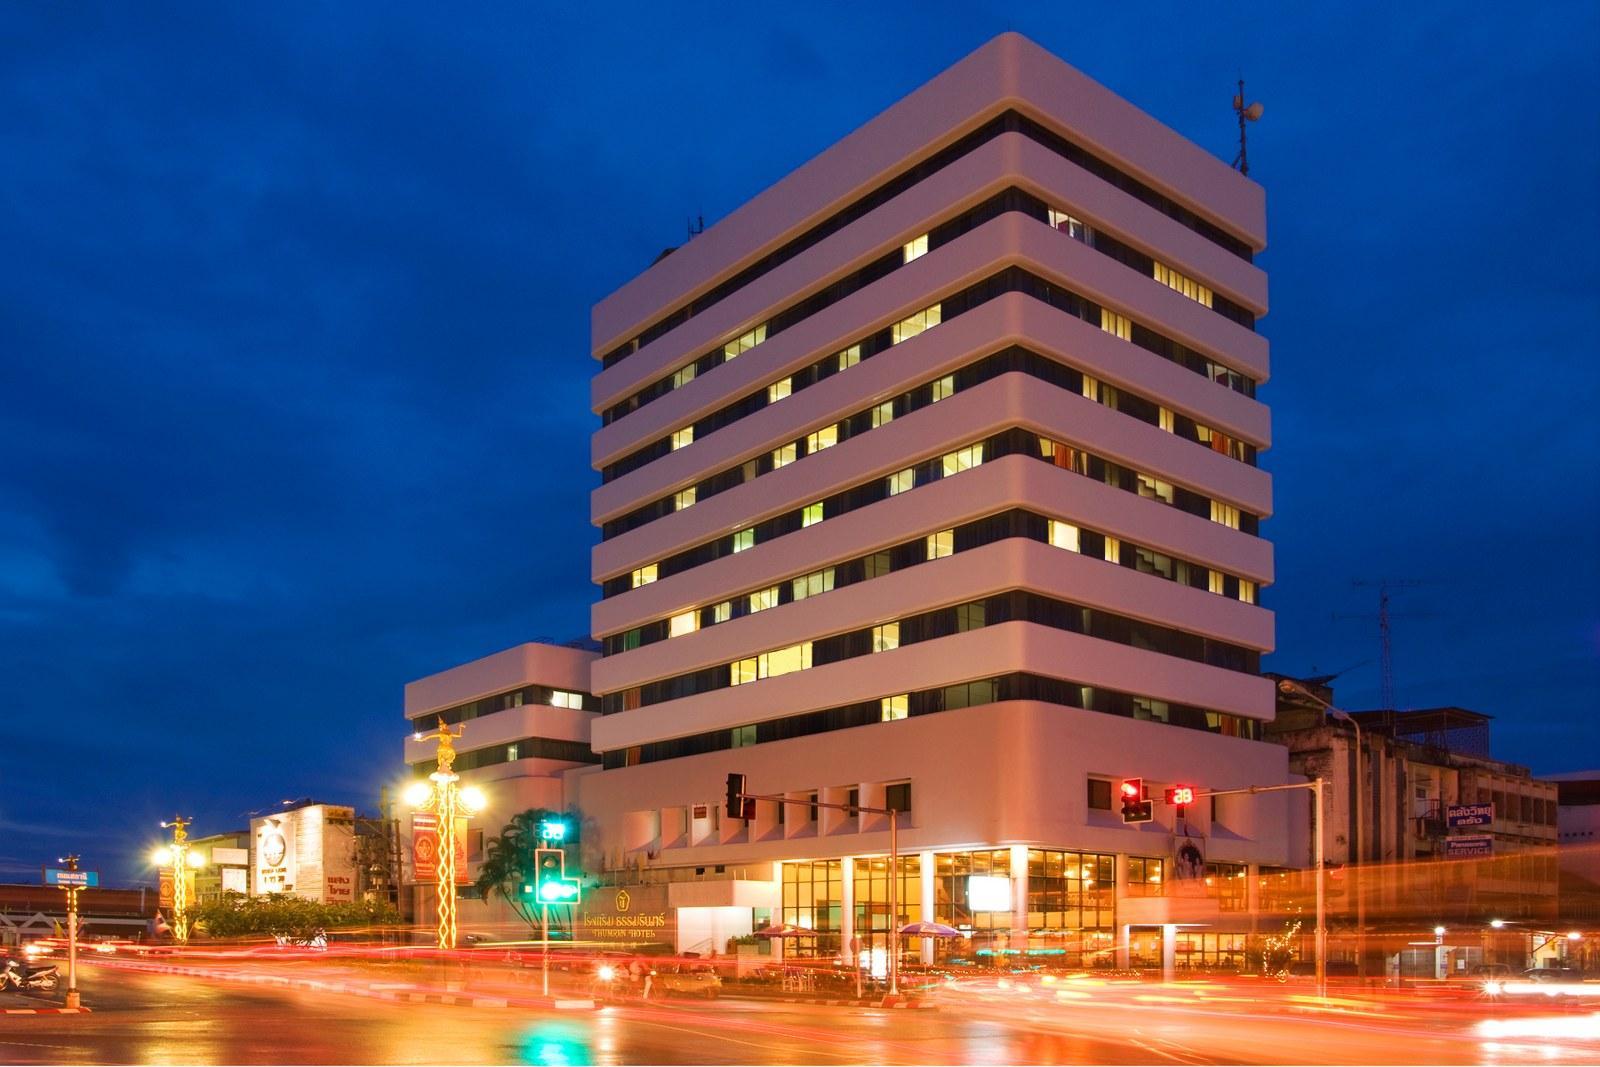 โรงแรมธรรมรินทร์